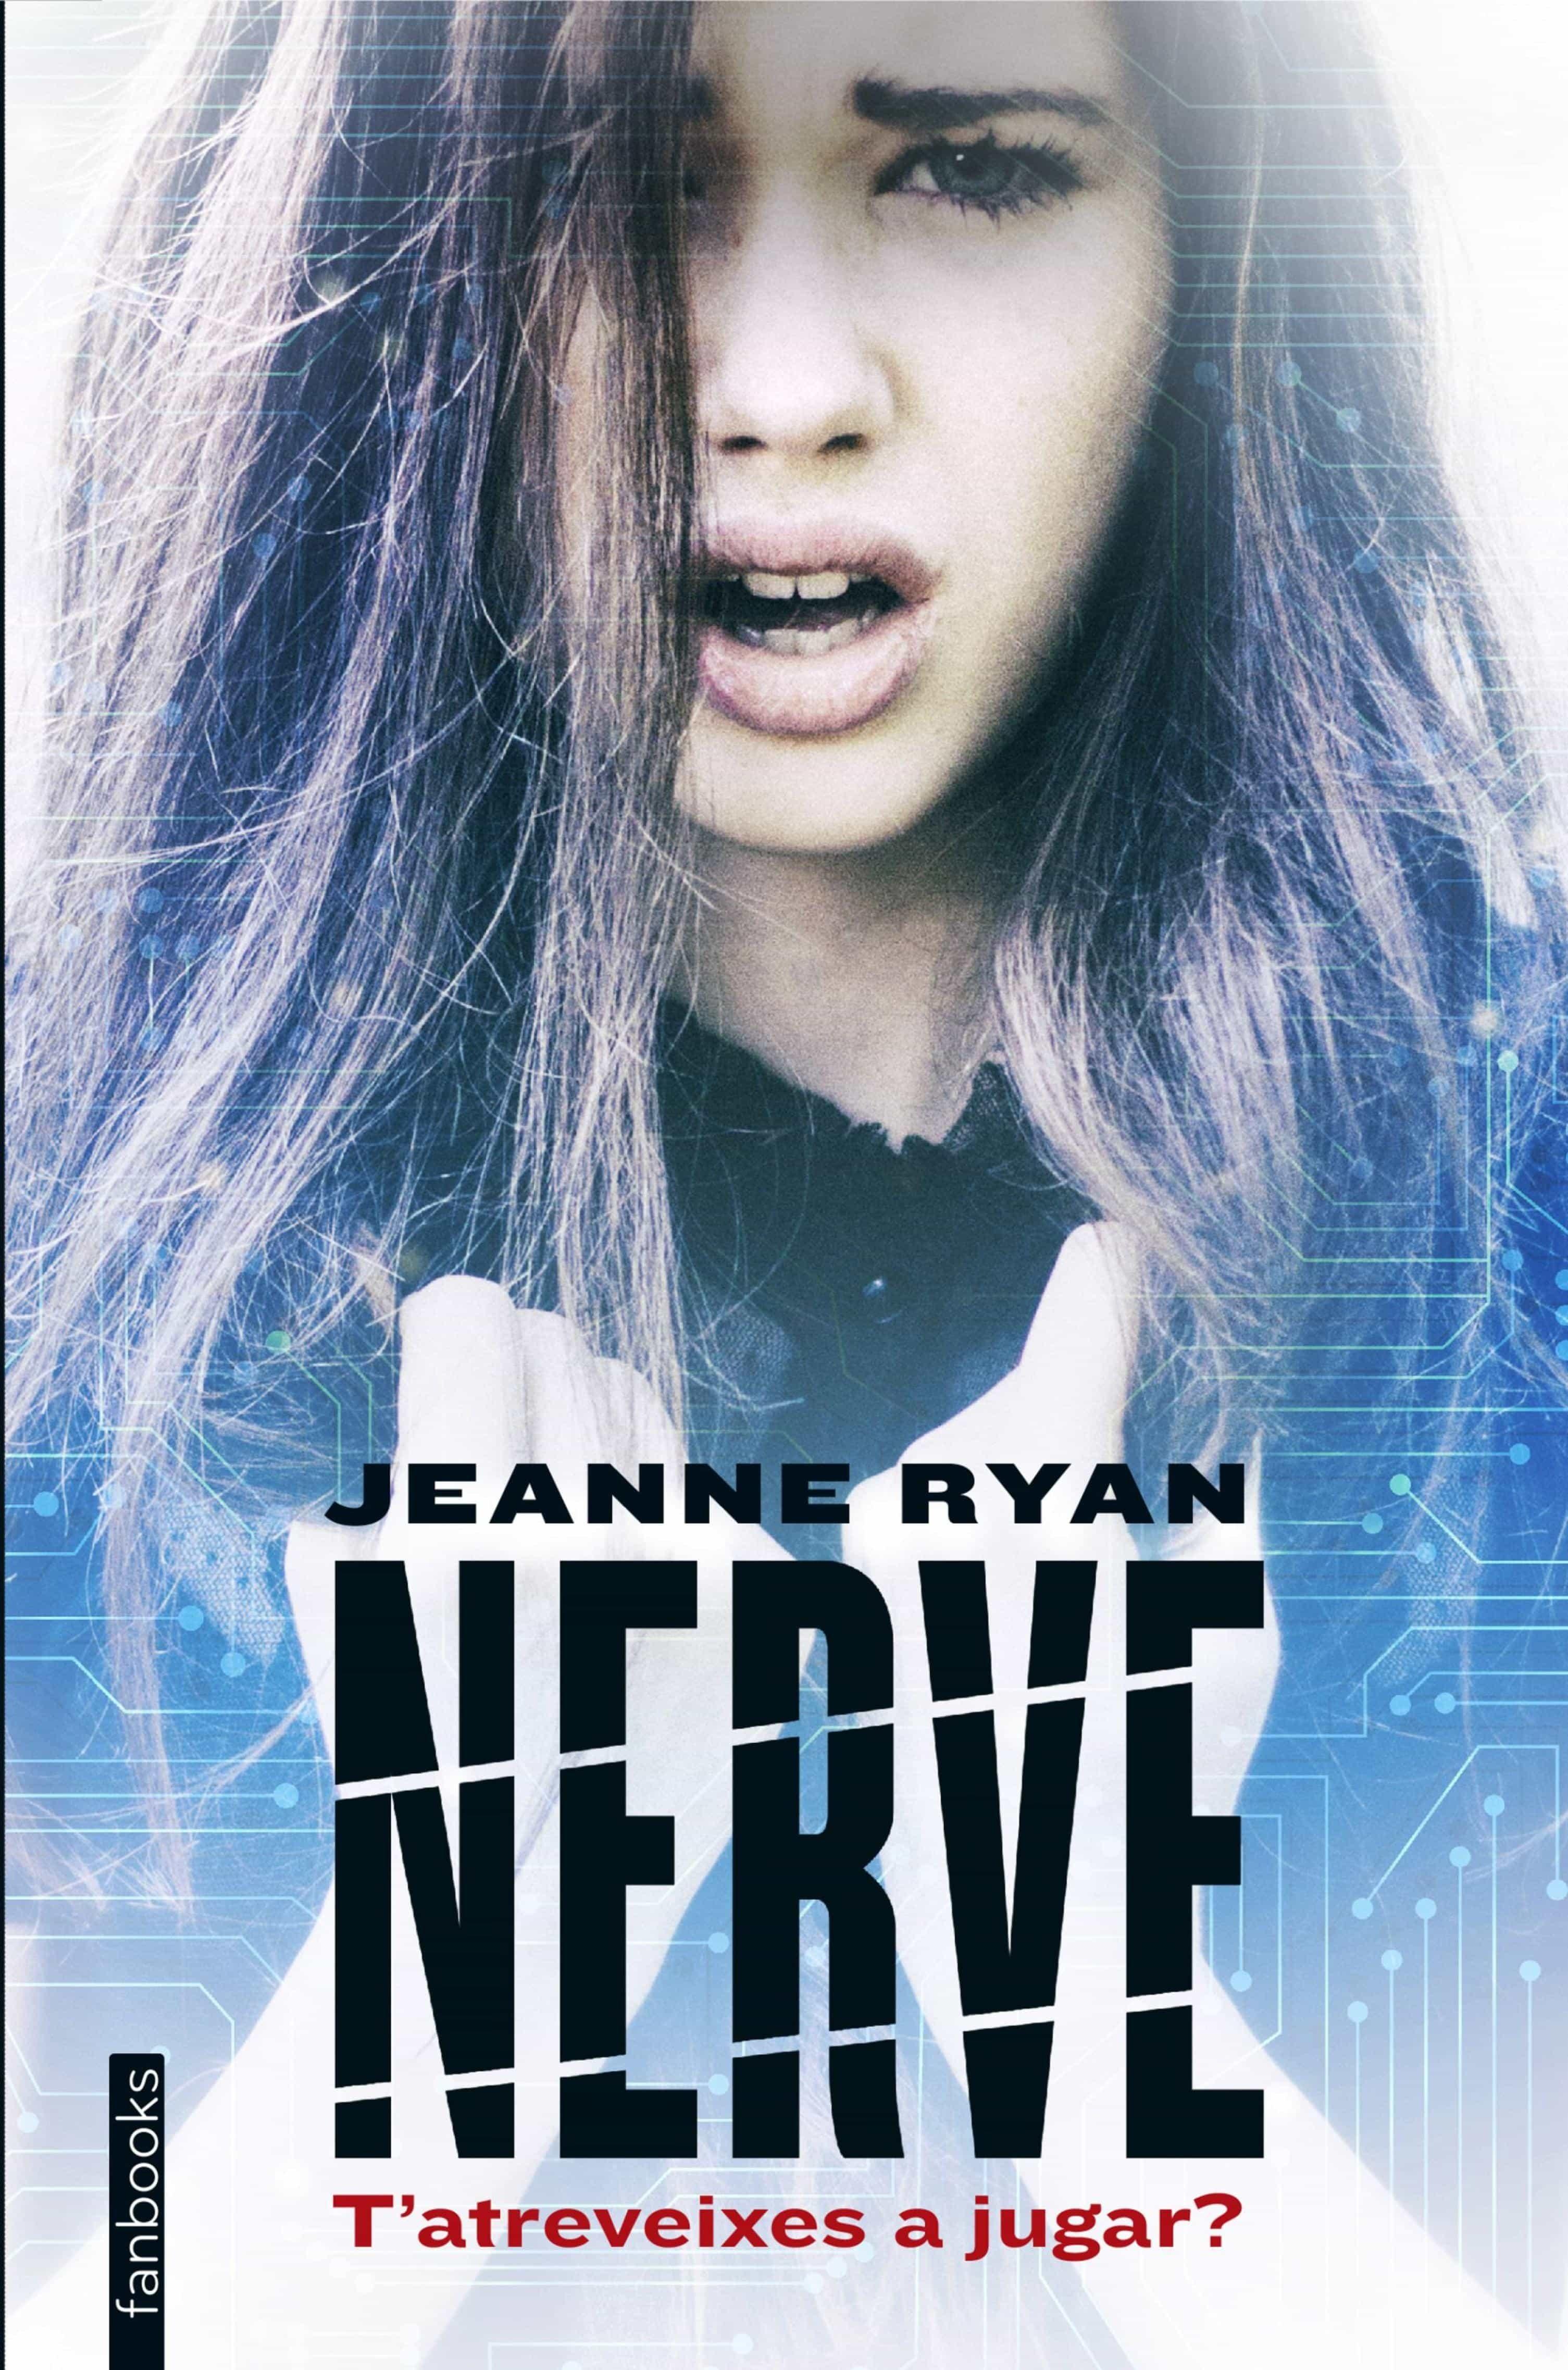 Resultado de imagen para nerve jeanne ryan